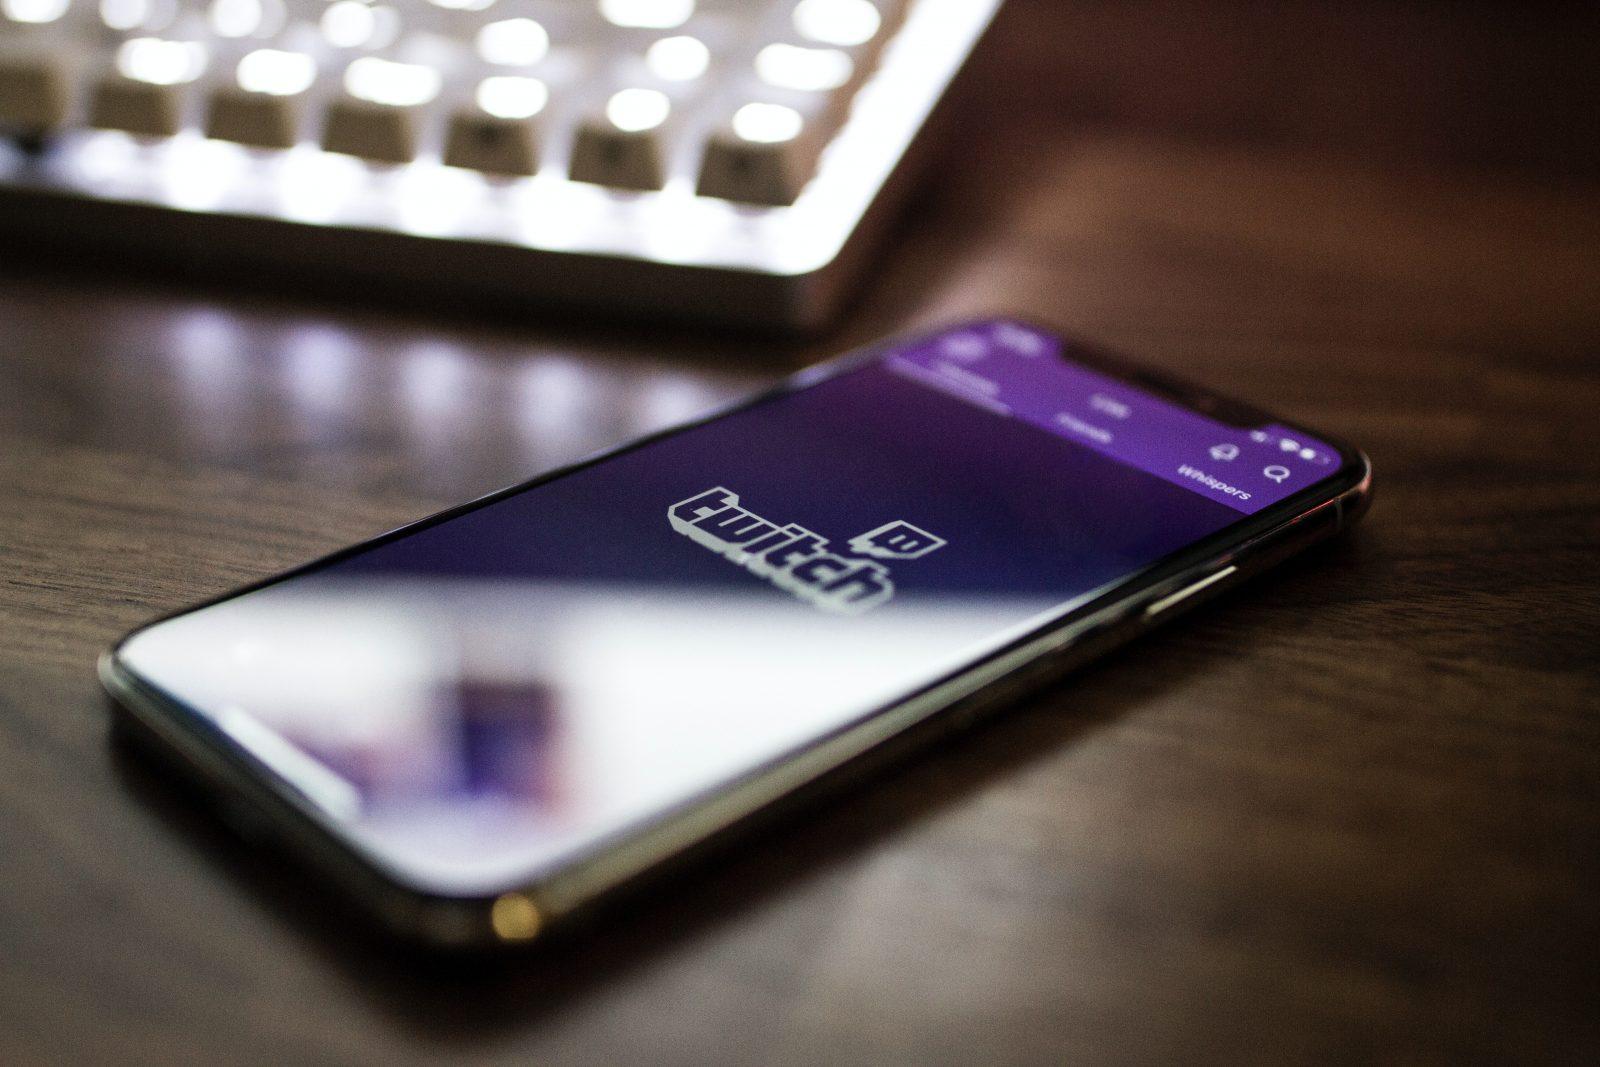 Mobiltelefon med text Twitch på skärmen